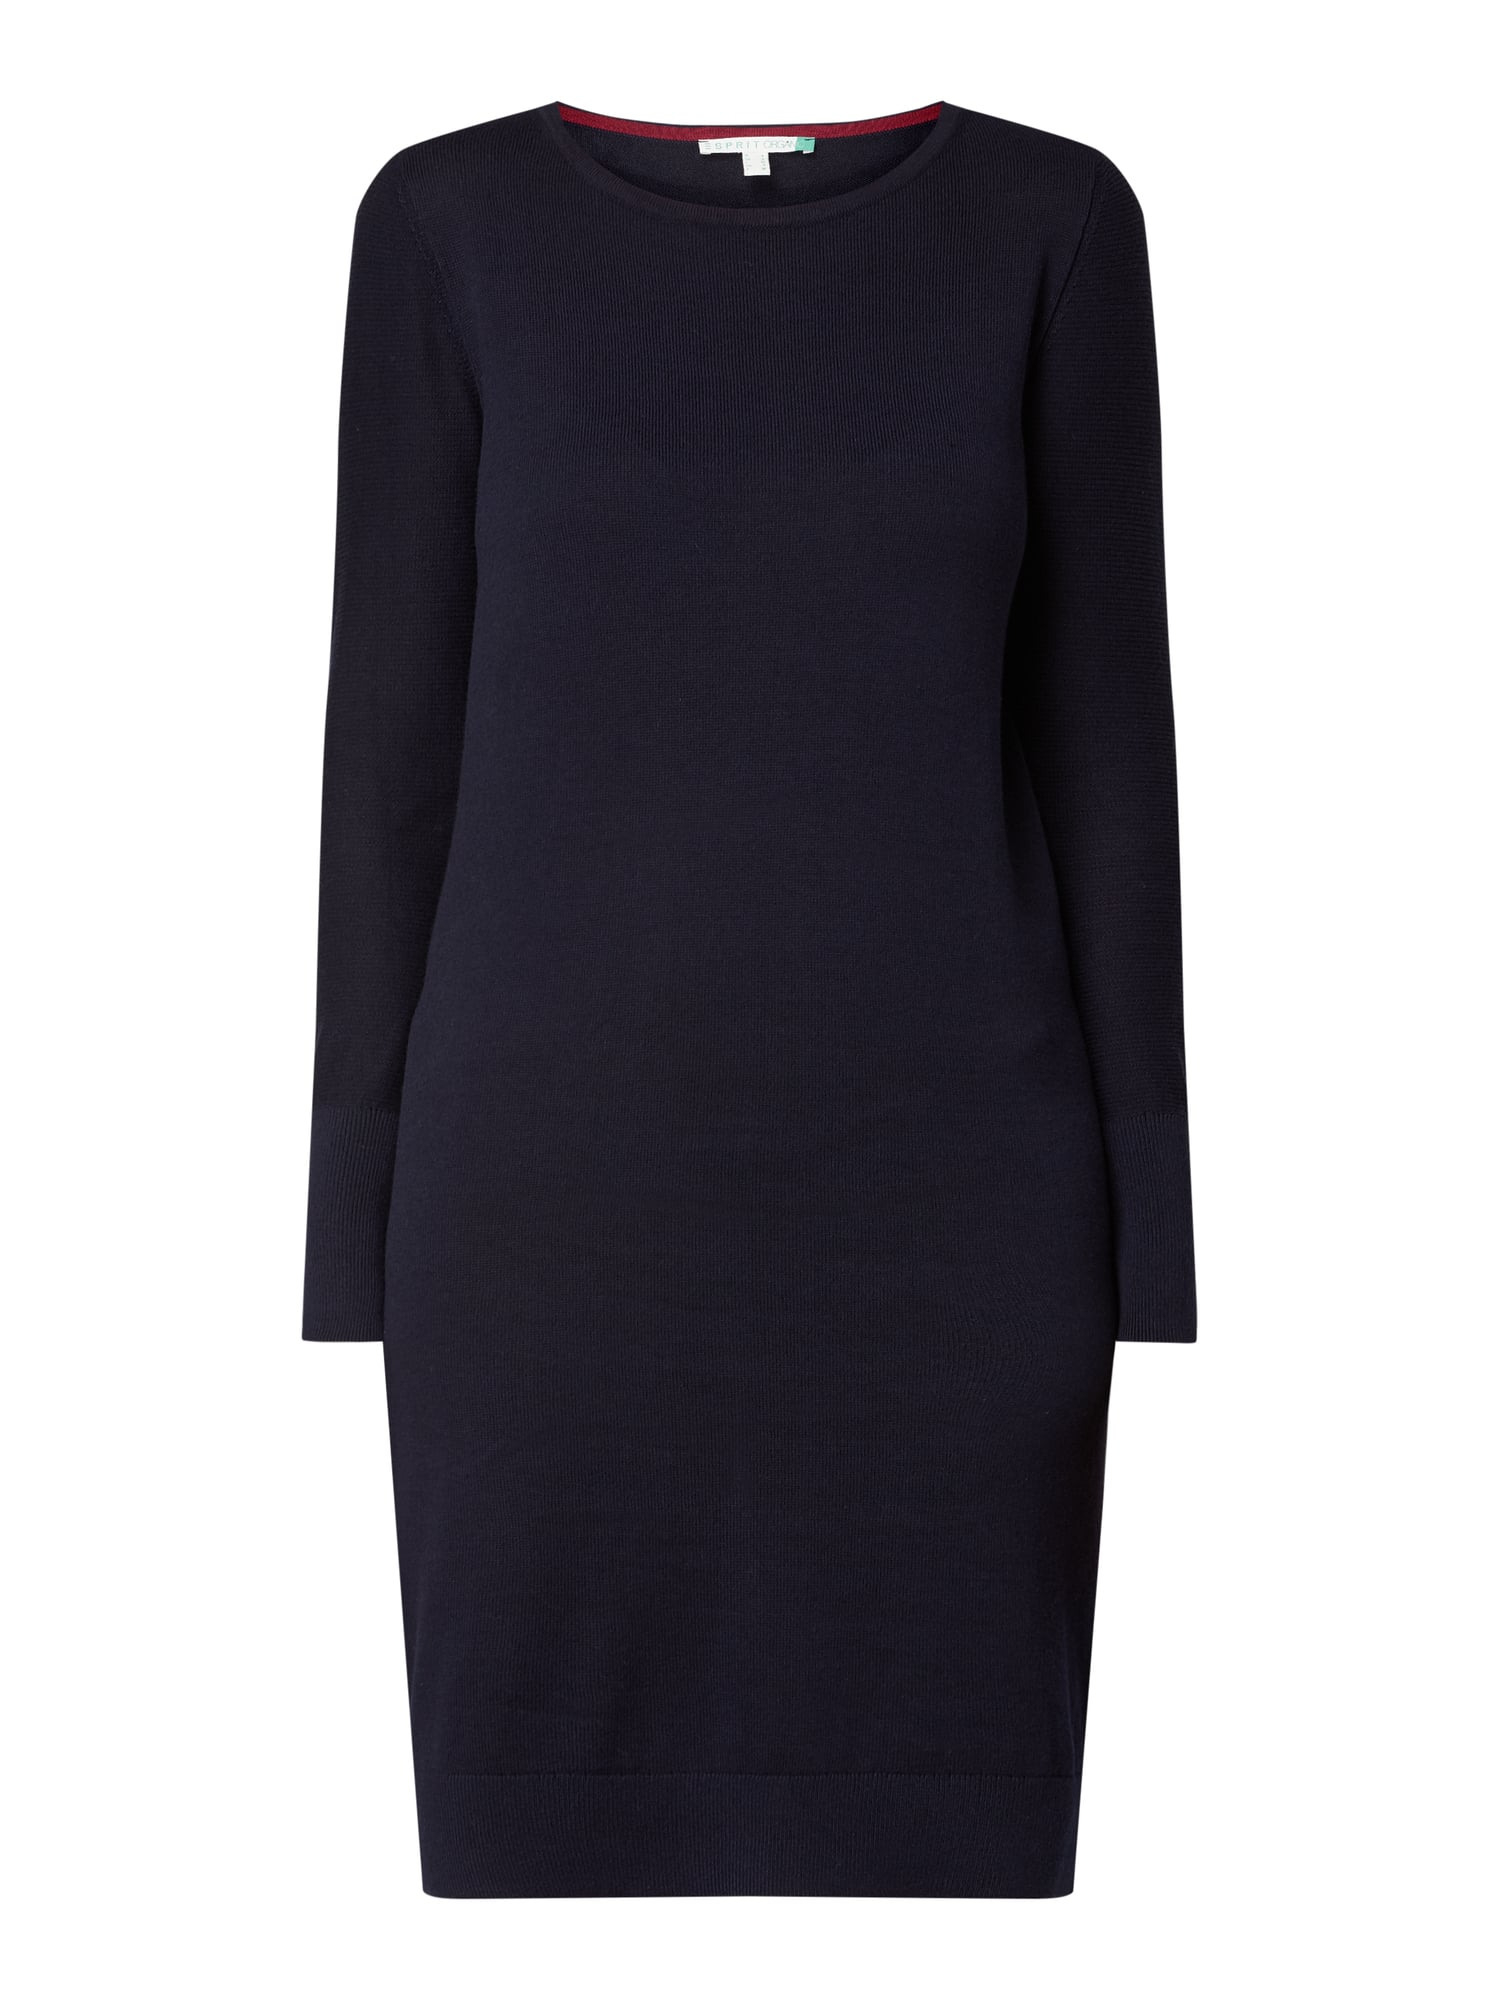 Esprit Strickkleid Mit Rundhalsausschnitt In Blau / Türkis